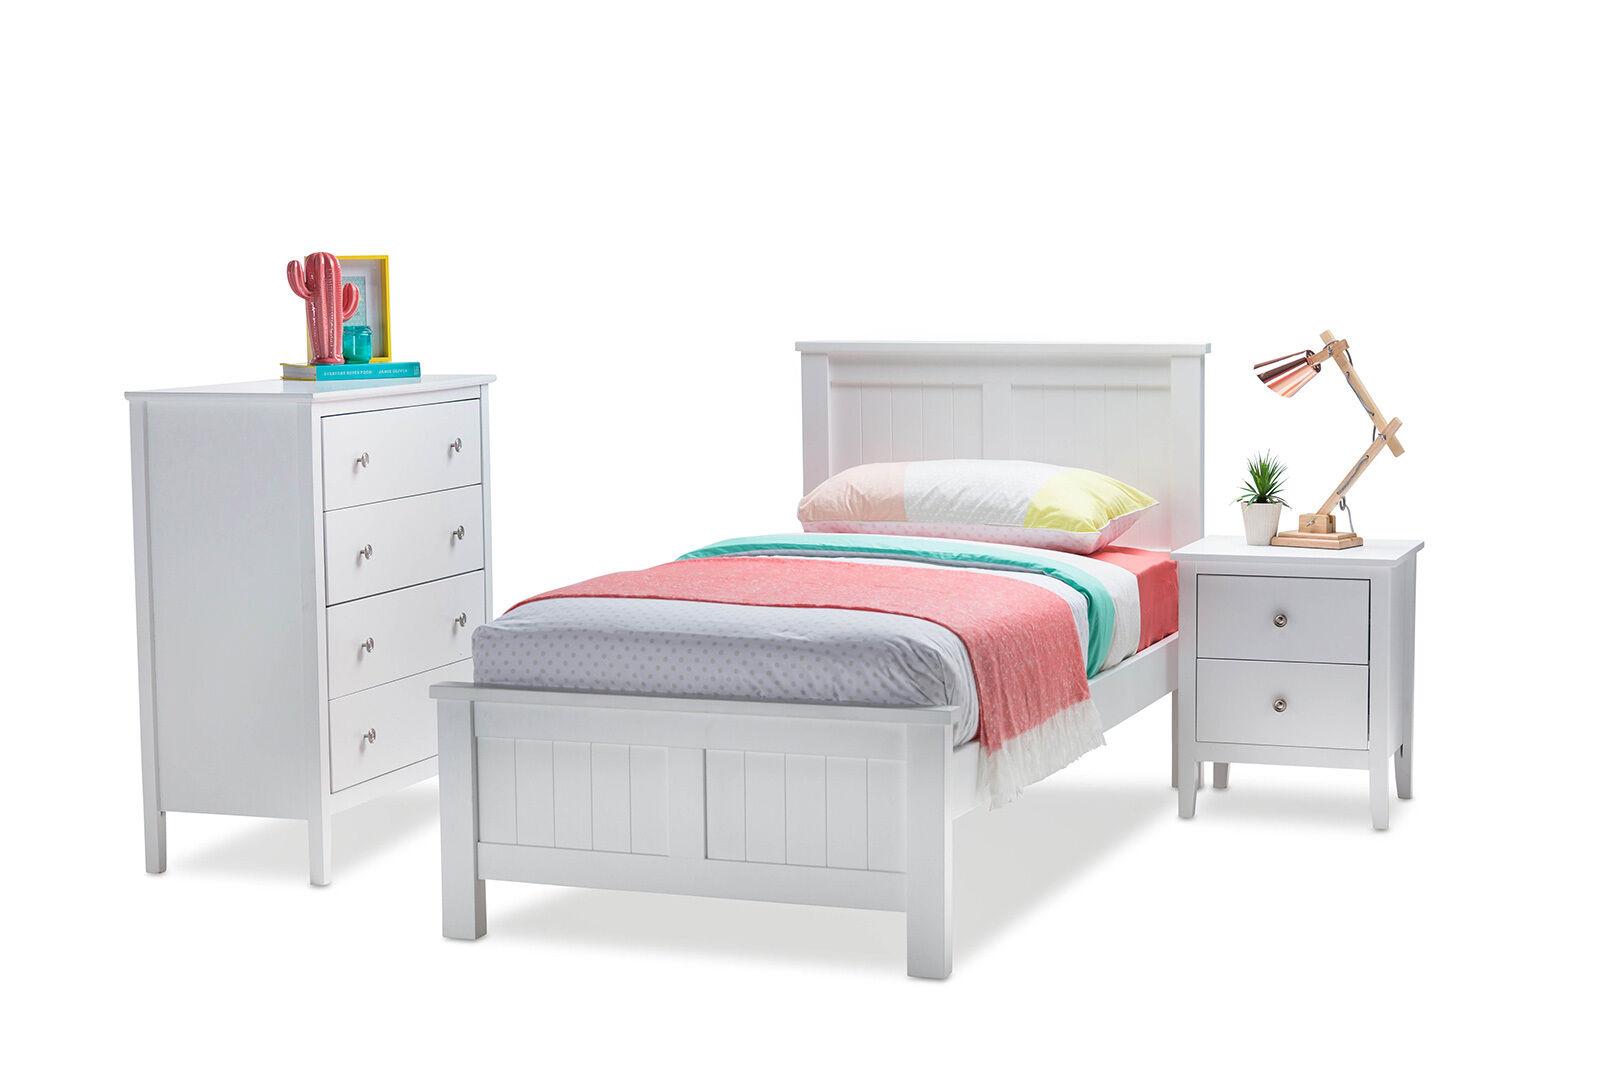 Elegant White Timber King Single Bed Frame Only For Kids Bedroom Boys Or Girls